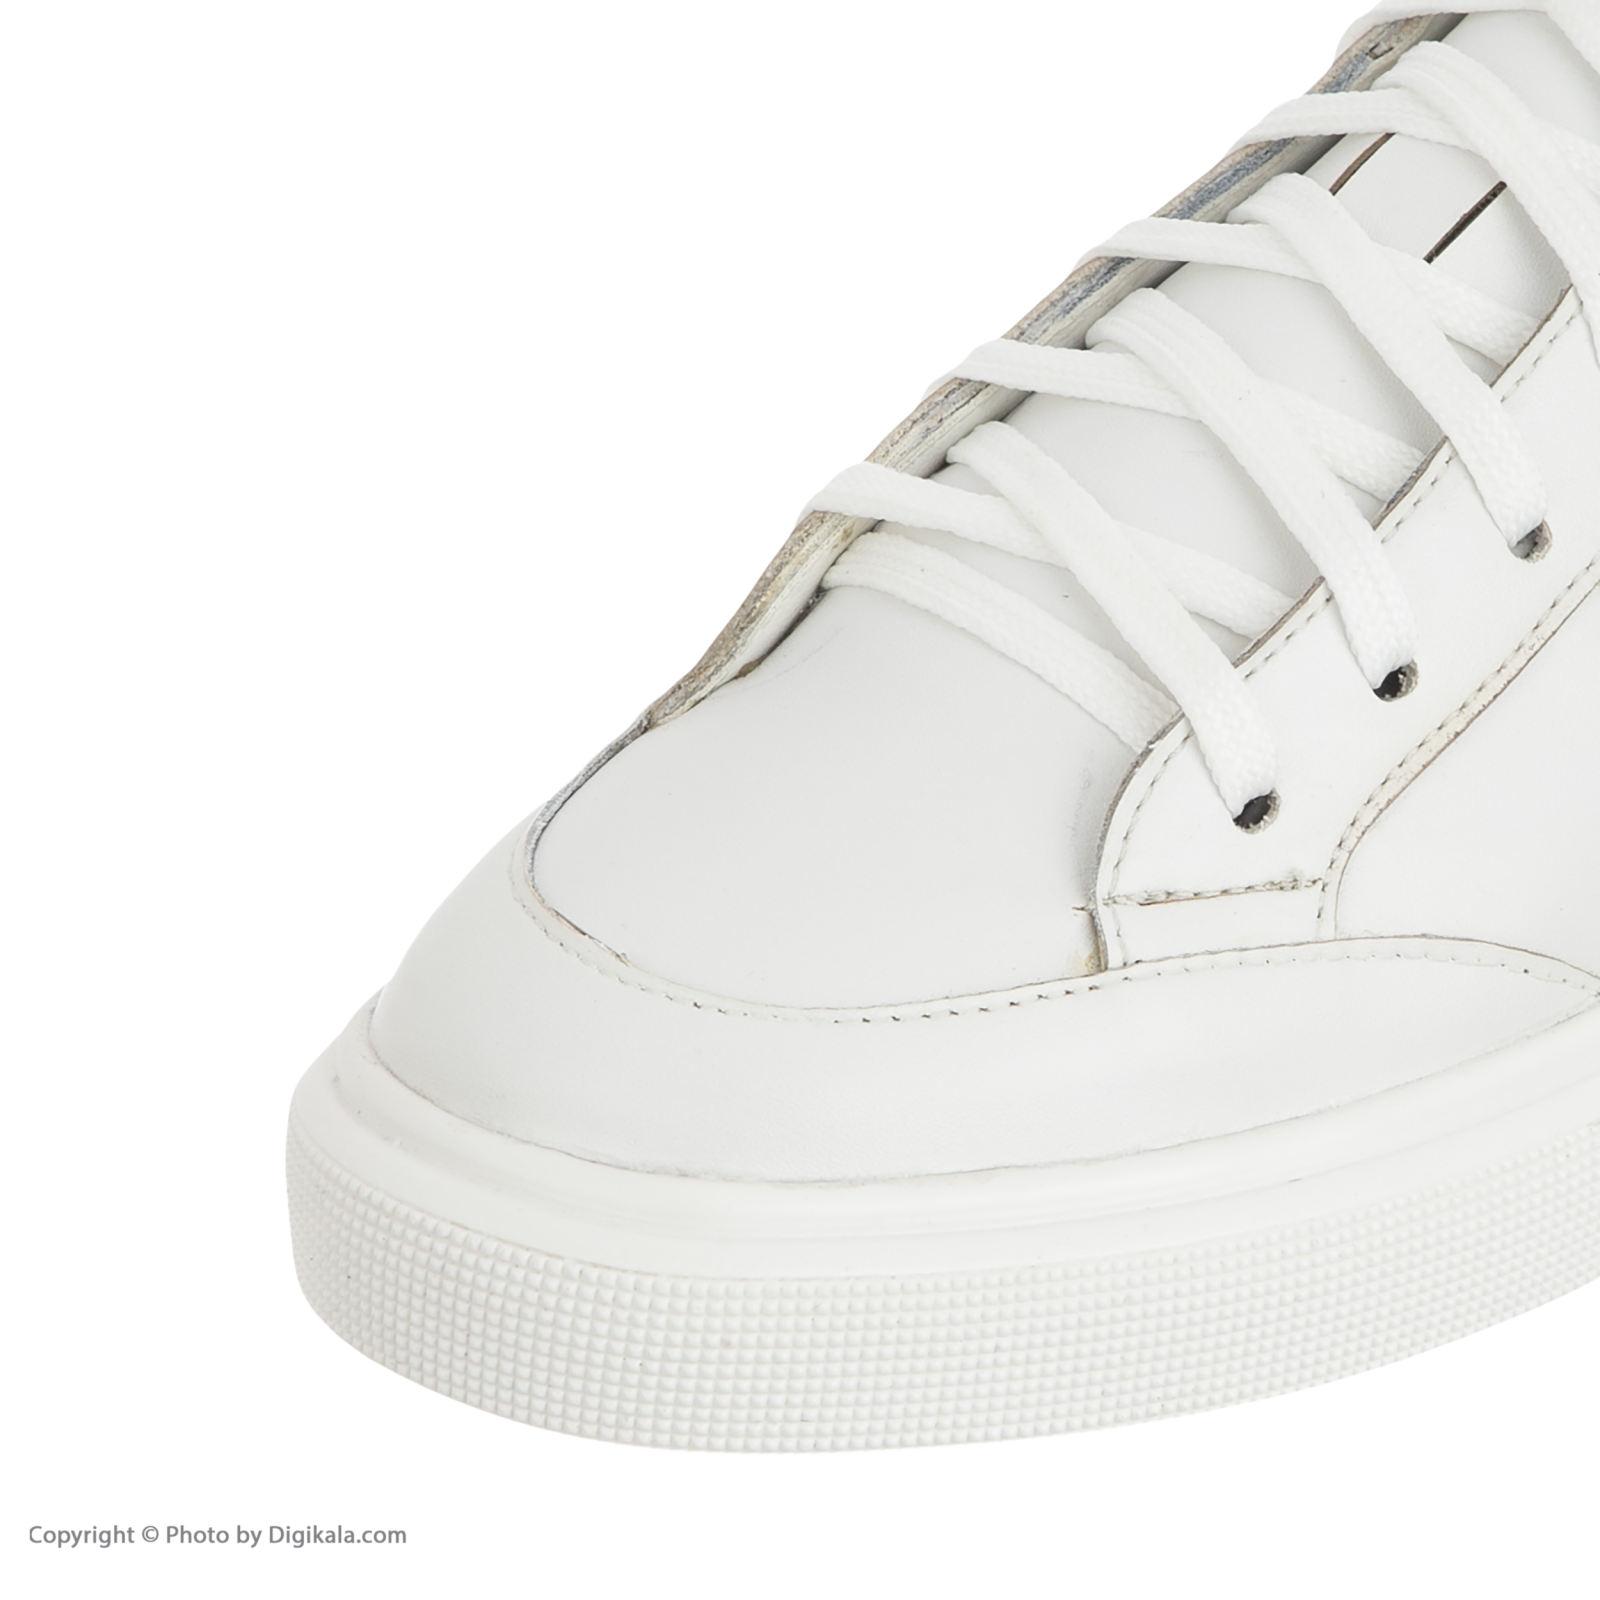 کفش راحتی مردانه آر اِن اِس مدل 113003-01 main 1 5